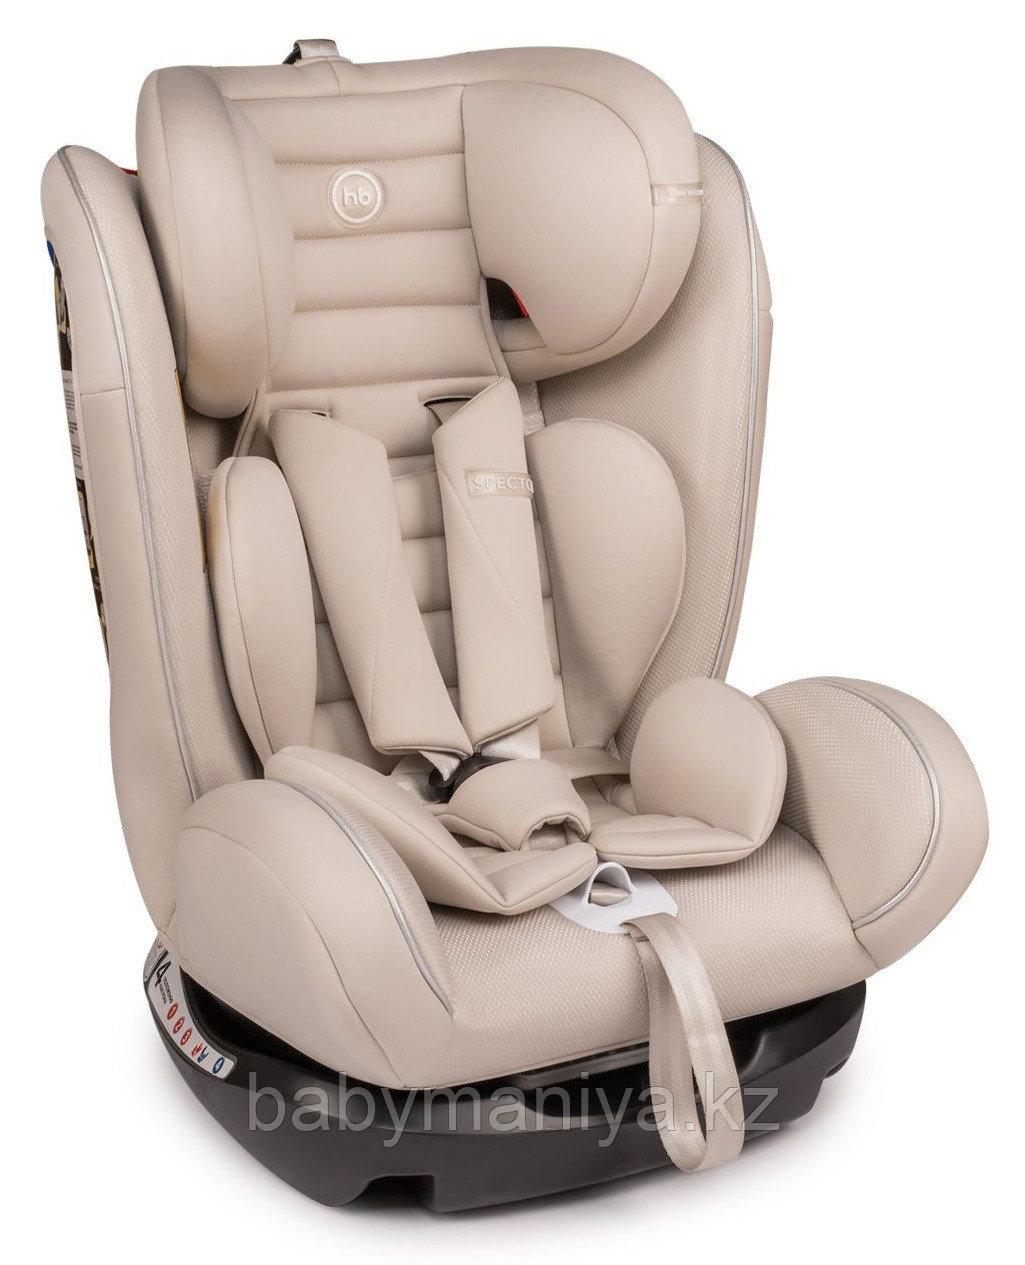 Автокресло Happy Baby 0-36 кг Spector Sand